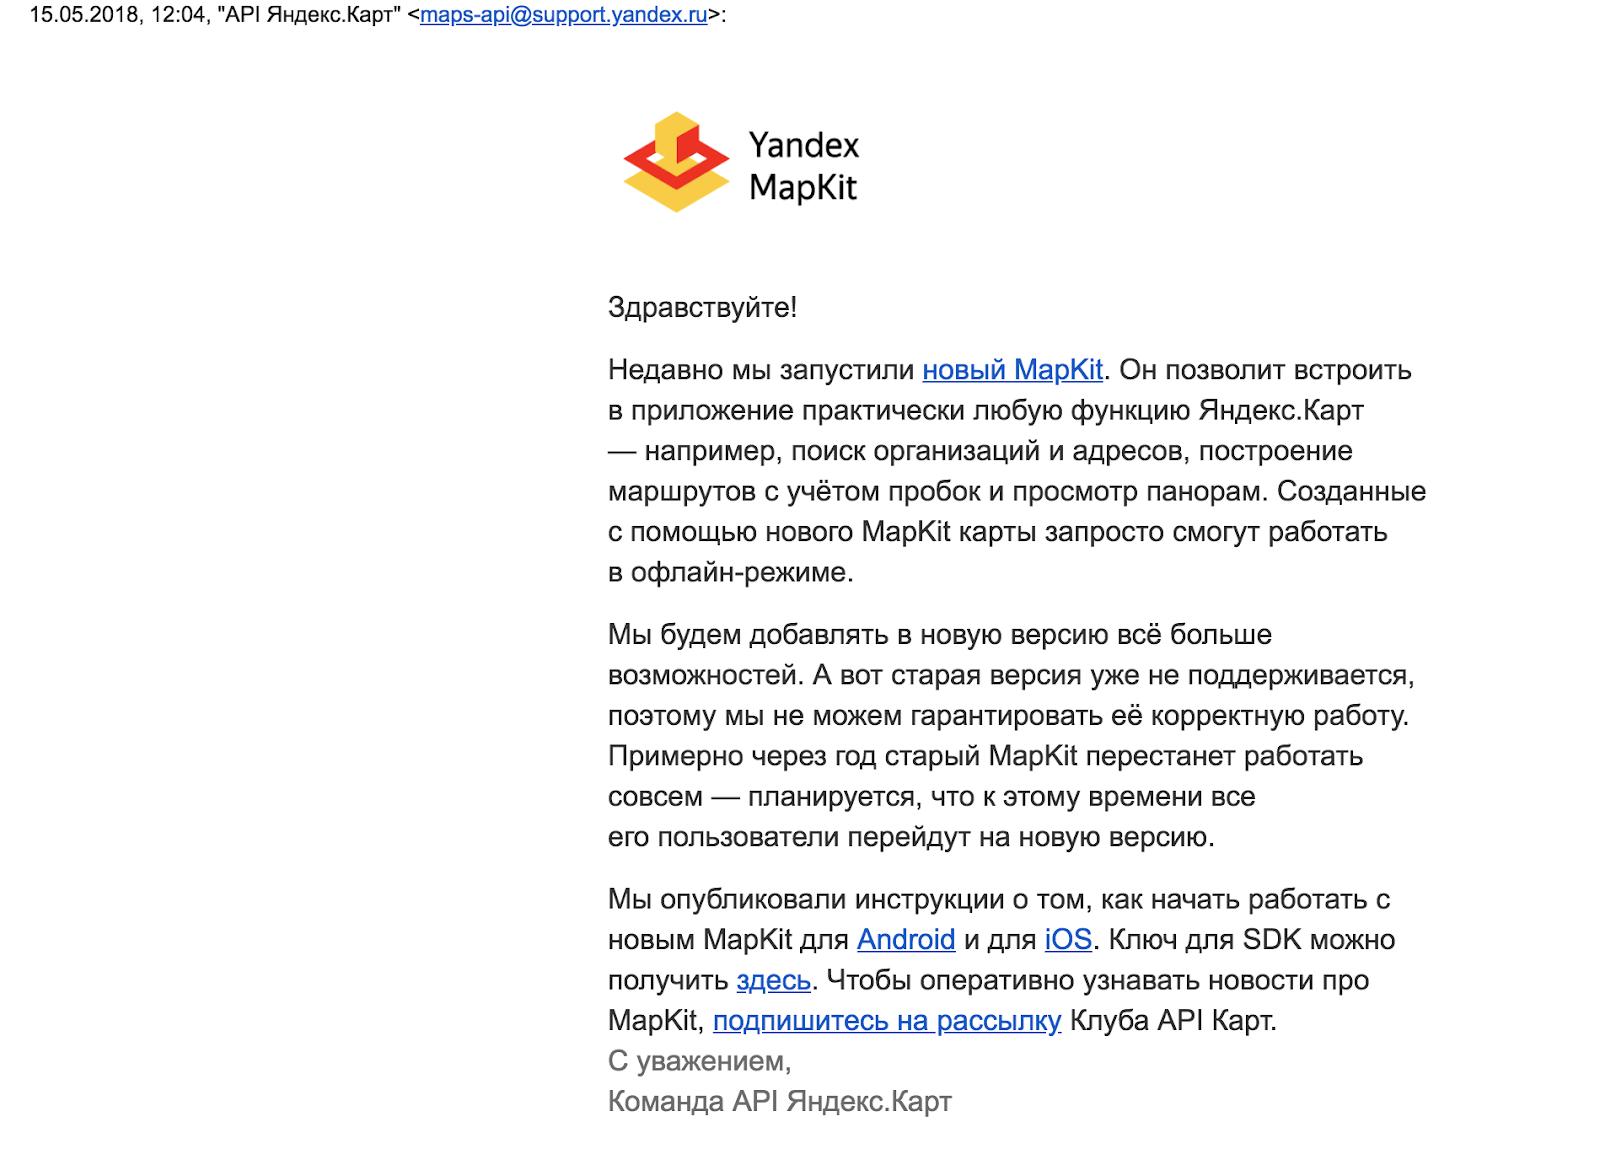 Сказ о том как я Yandex MapKit на iOS обновлял или карты, деньги, 2 мапкита - 2